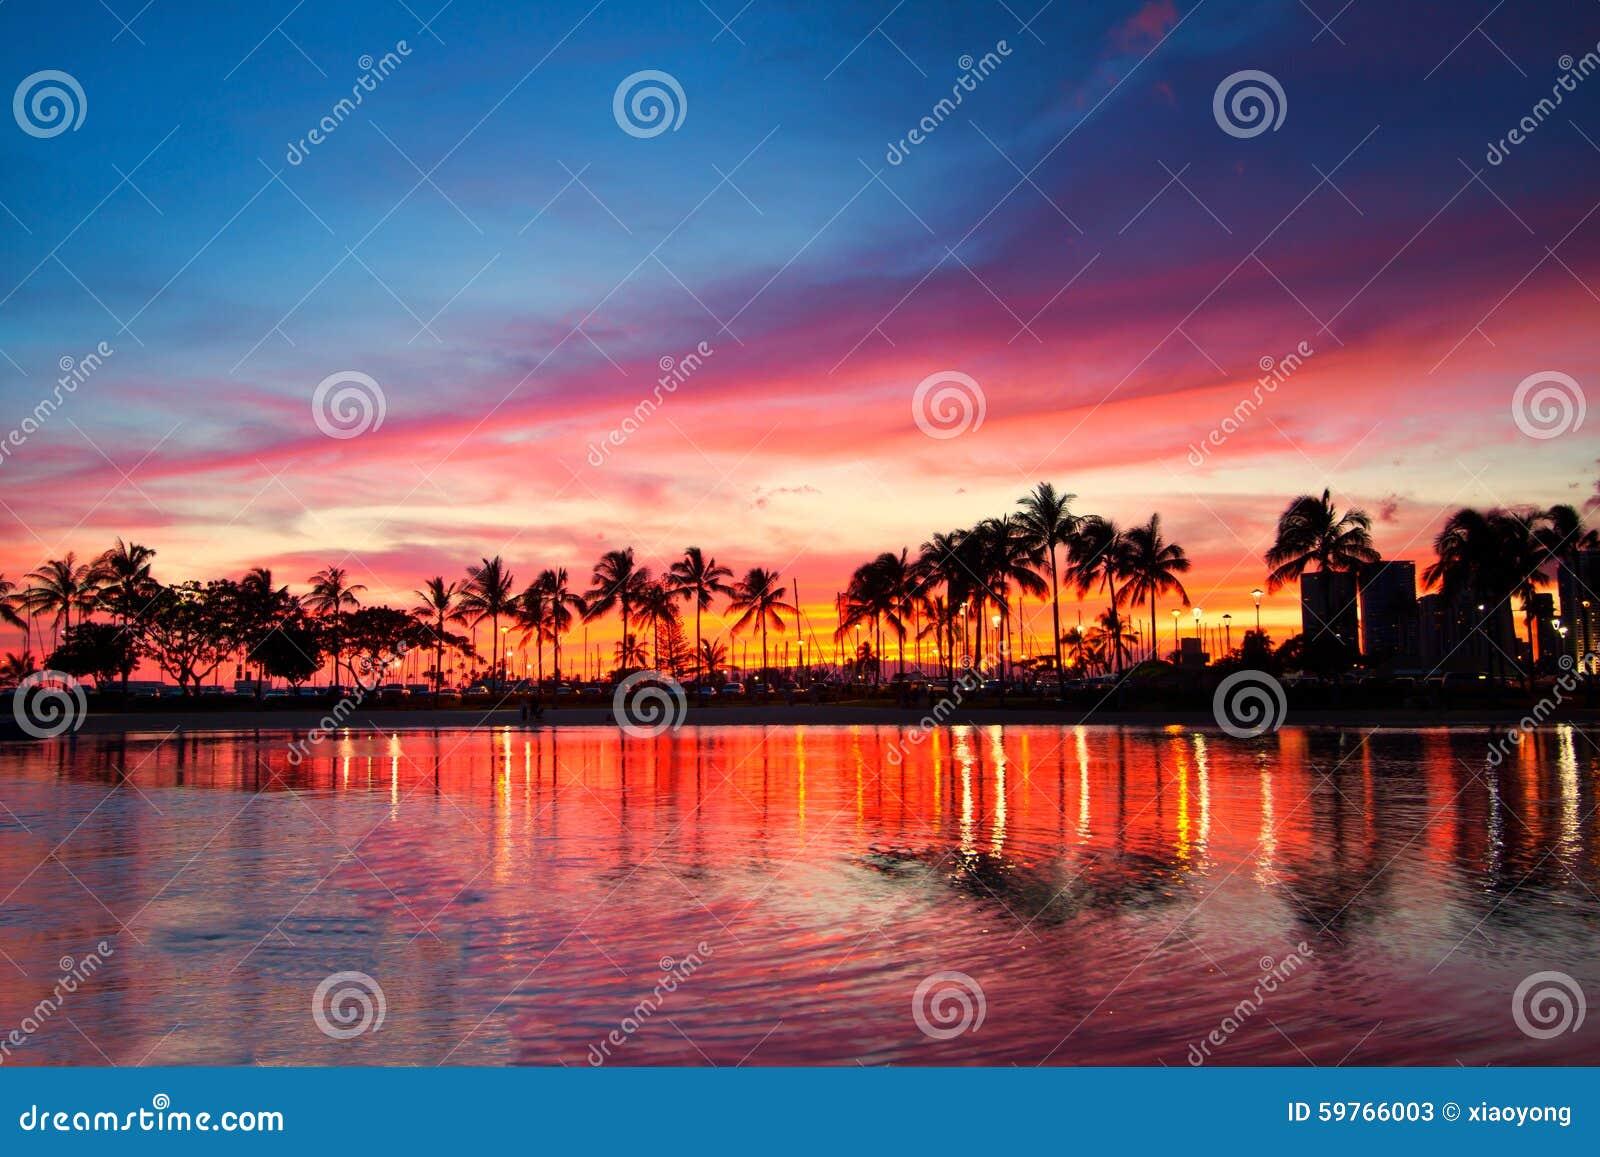 magical sunset, Hawaii